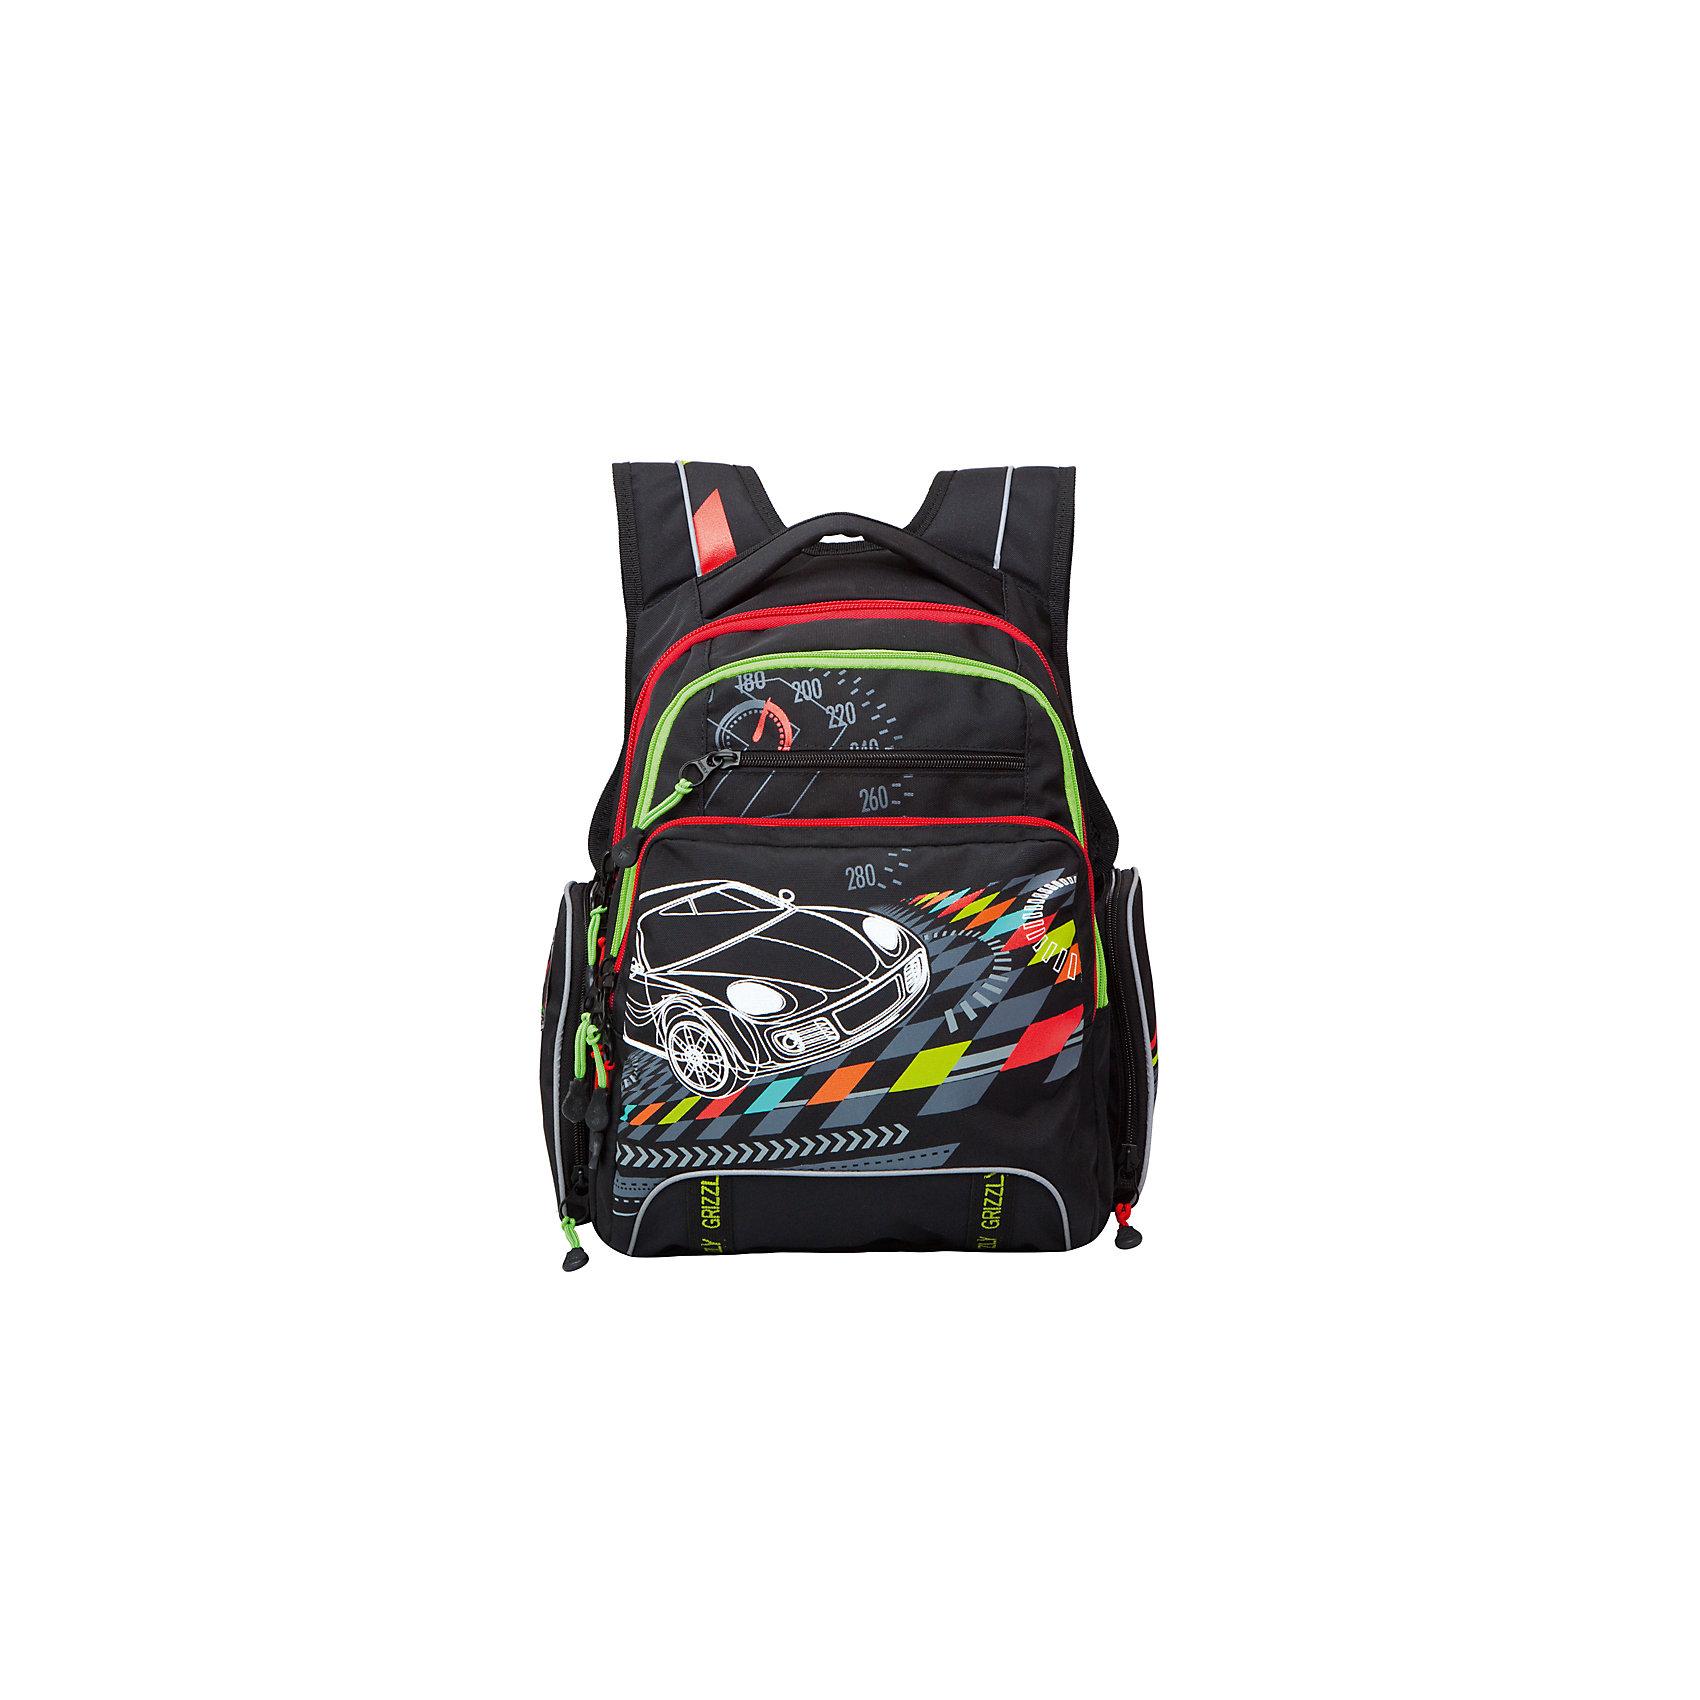 Рюкзак школьный Grizzly, черныйРюкзаки<br>Рюкзак школьный, два отделения, карман на передней стенке, объемный карман на молнии на передней стенке, объемные боковые карманы на молнии, внутренний карман на молнии, внутренний карман-пенал для карандашей, анатомическая спинка, мягкая укрепленная ручка, укрепленные лямки, светоотражающие элементы с четырех сторон<br><br>Ширина мм: 270<br>Глубина мм: 240<br>Высота мм: 430<br>Вес г: 1040<br>Возраст от месяцев: 72<br>Возраст до месяцев: 2147483647<br>Пол: Мужской<br>Возраст: Детский<br>SKU: 6939836